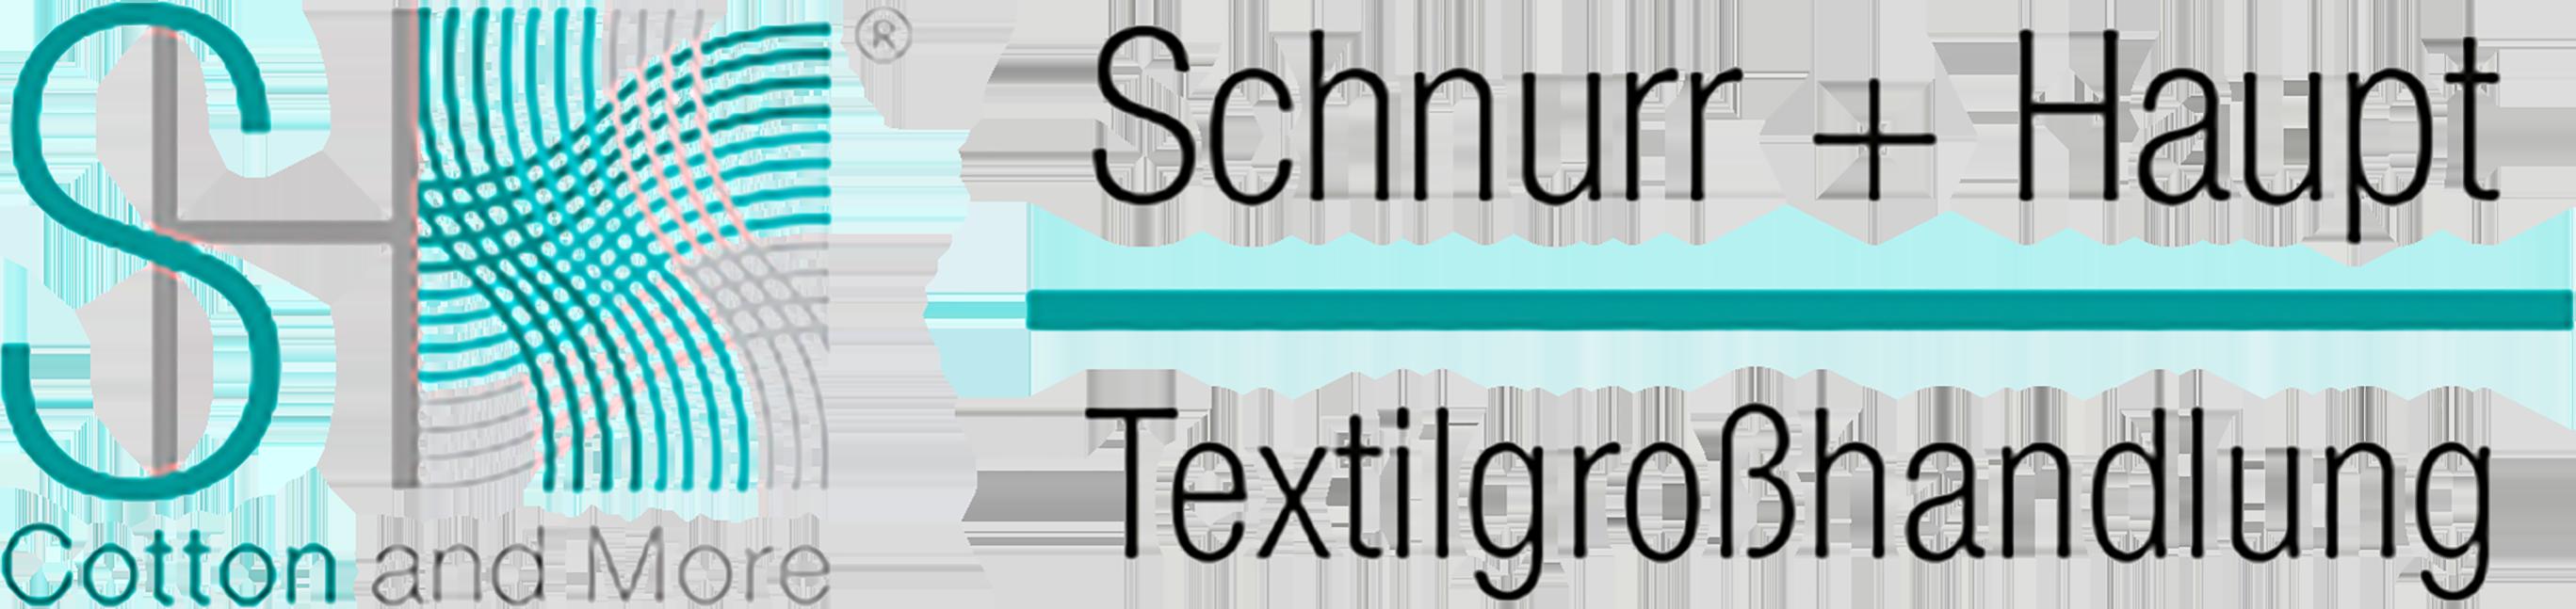 Schnurr + Haupt